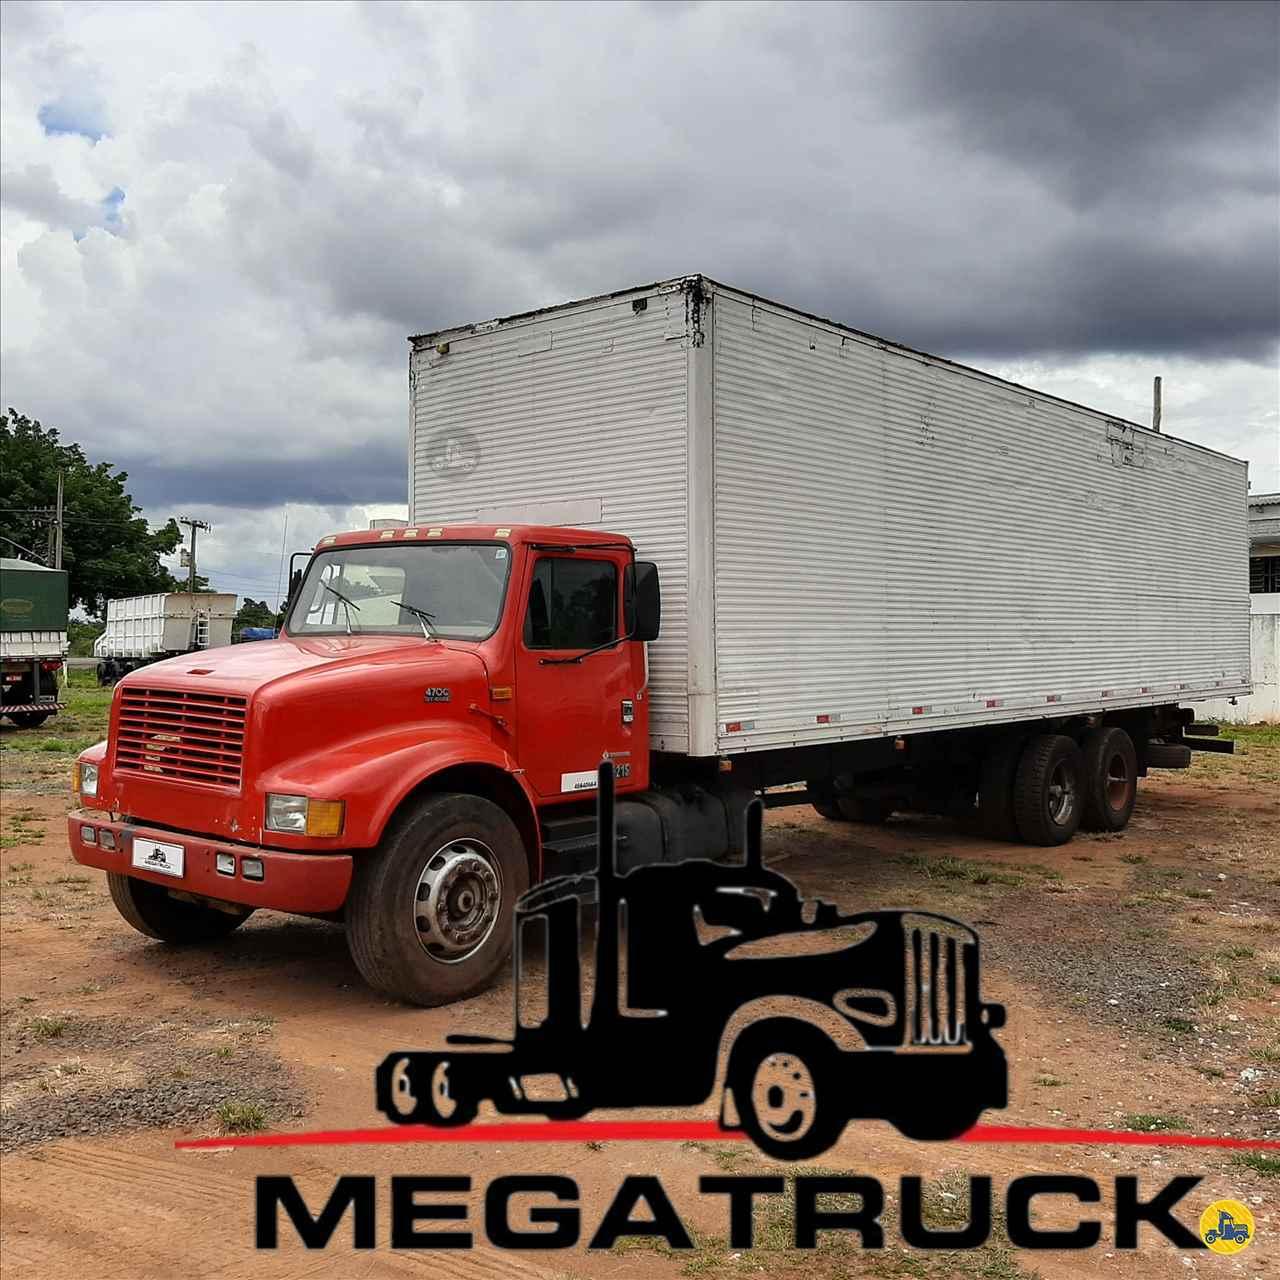 CAMINHAO INTERNATIONAL INTERNATIONAL 4700 Baú Furgão Truck 6x2 Megatruck Caminhões e Máquinas CAMPO GRANDE MATO GROSSO DO SUL MS